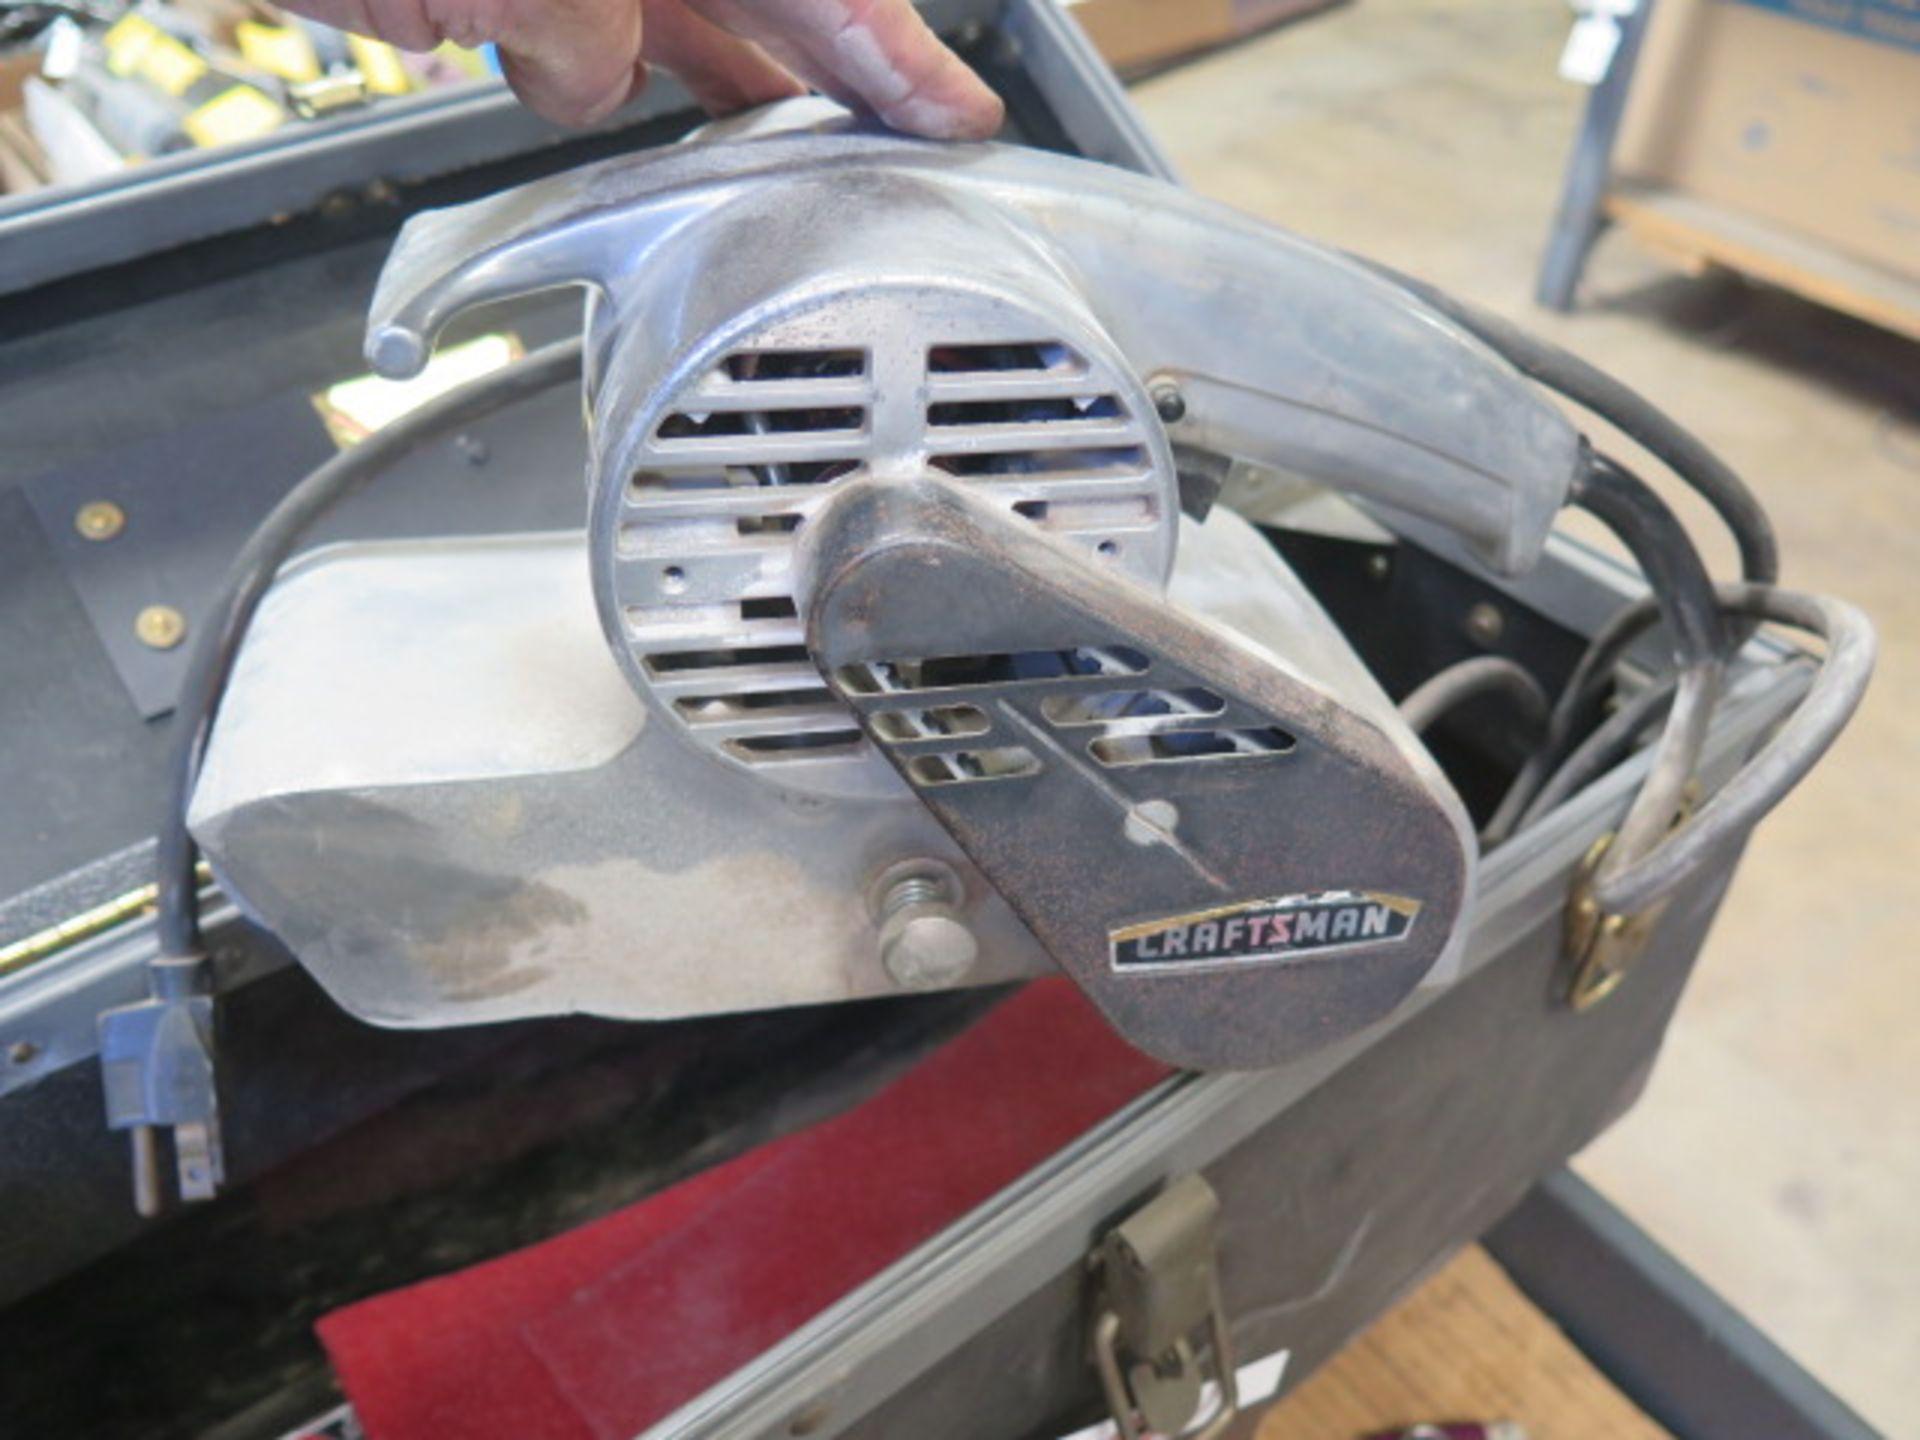 Craftsman Belt Sander (SOLD AS-IS - NO WARRANTY) - Image 3 of 4